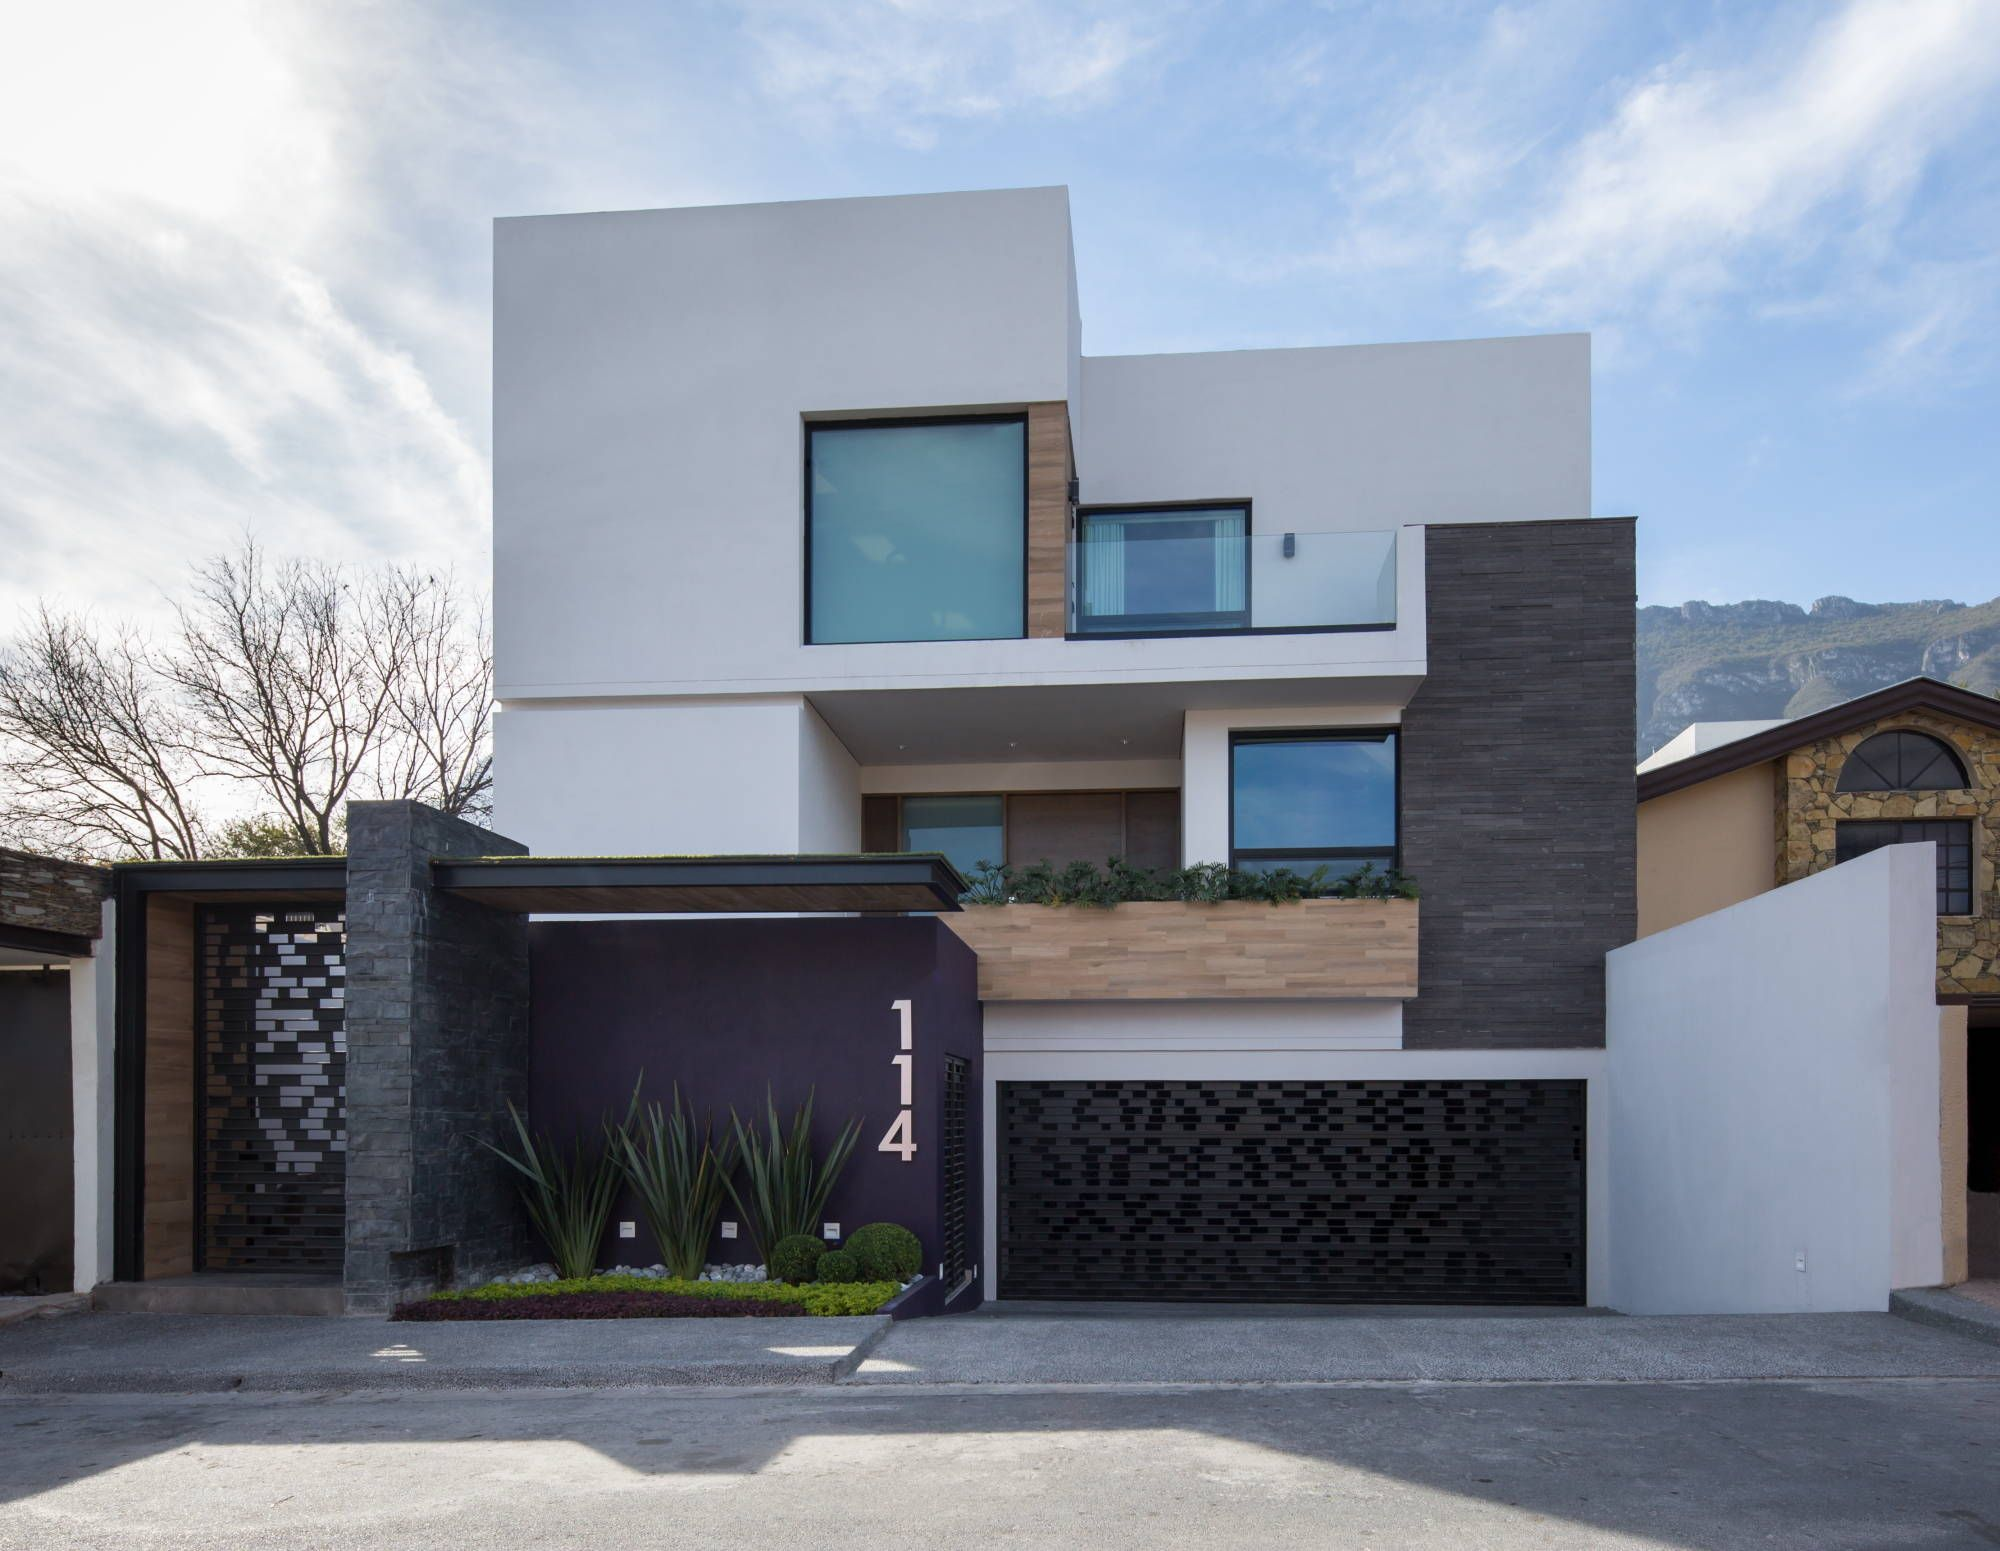 Casas y fachadas beautiful fachada casas de estilo for Fachada de casas modernas estilo oriental